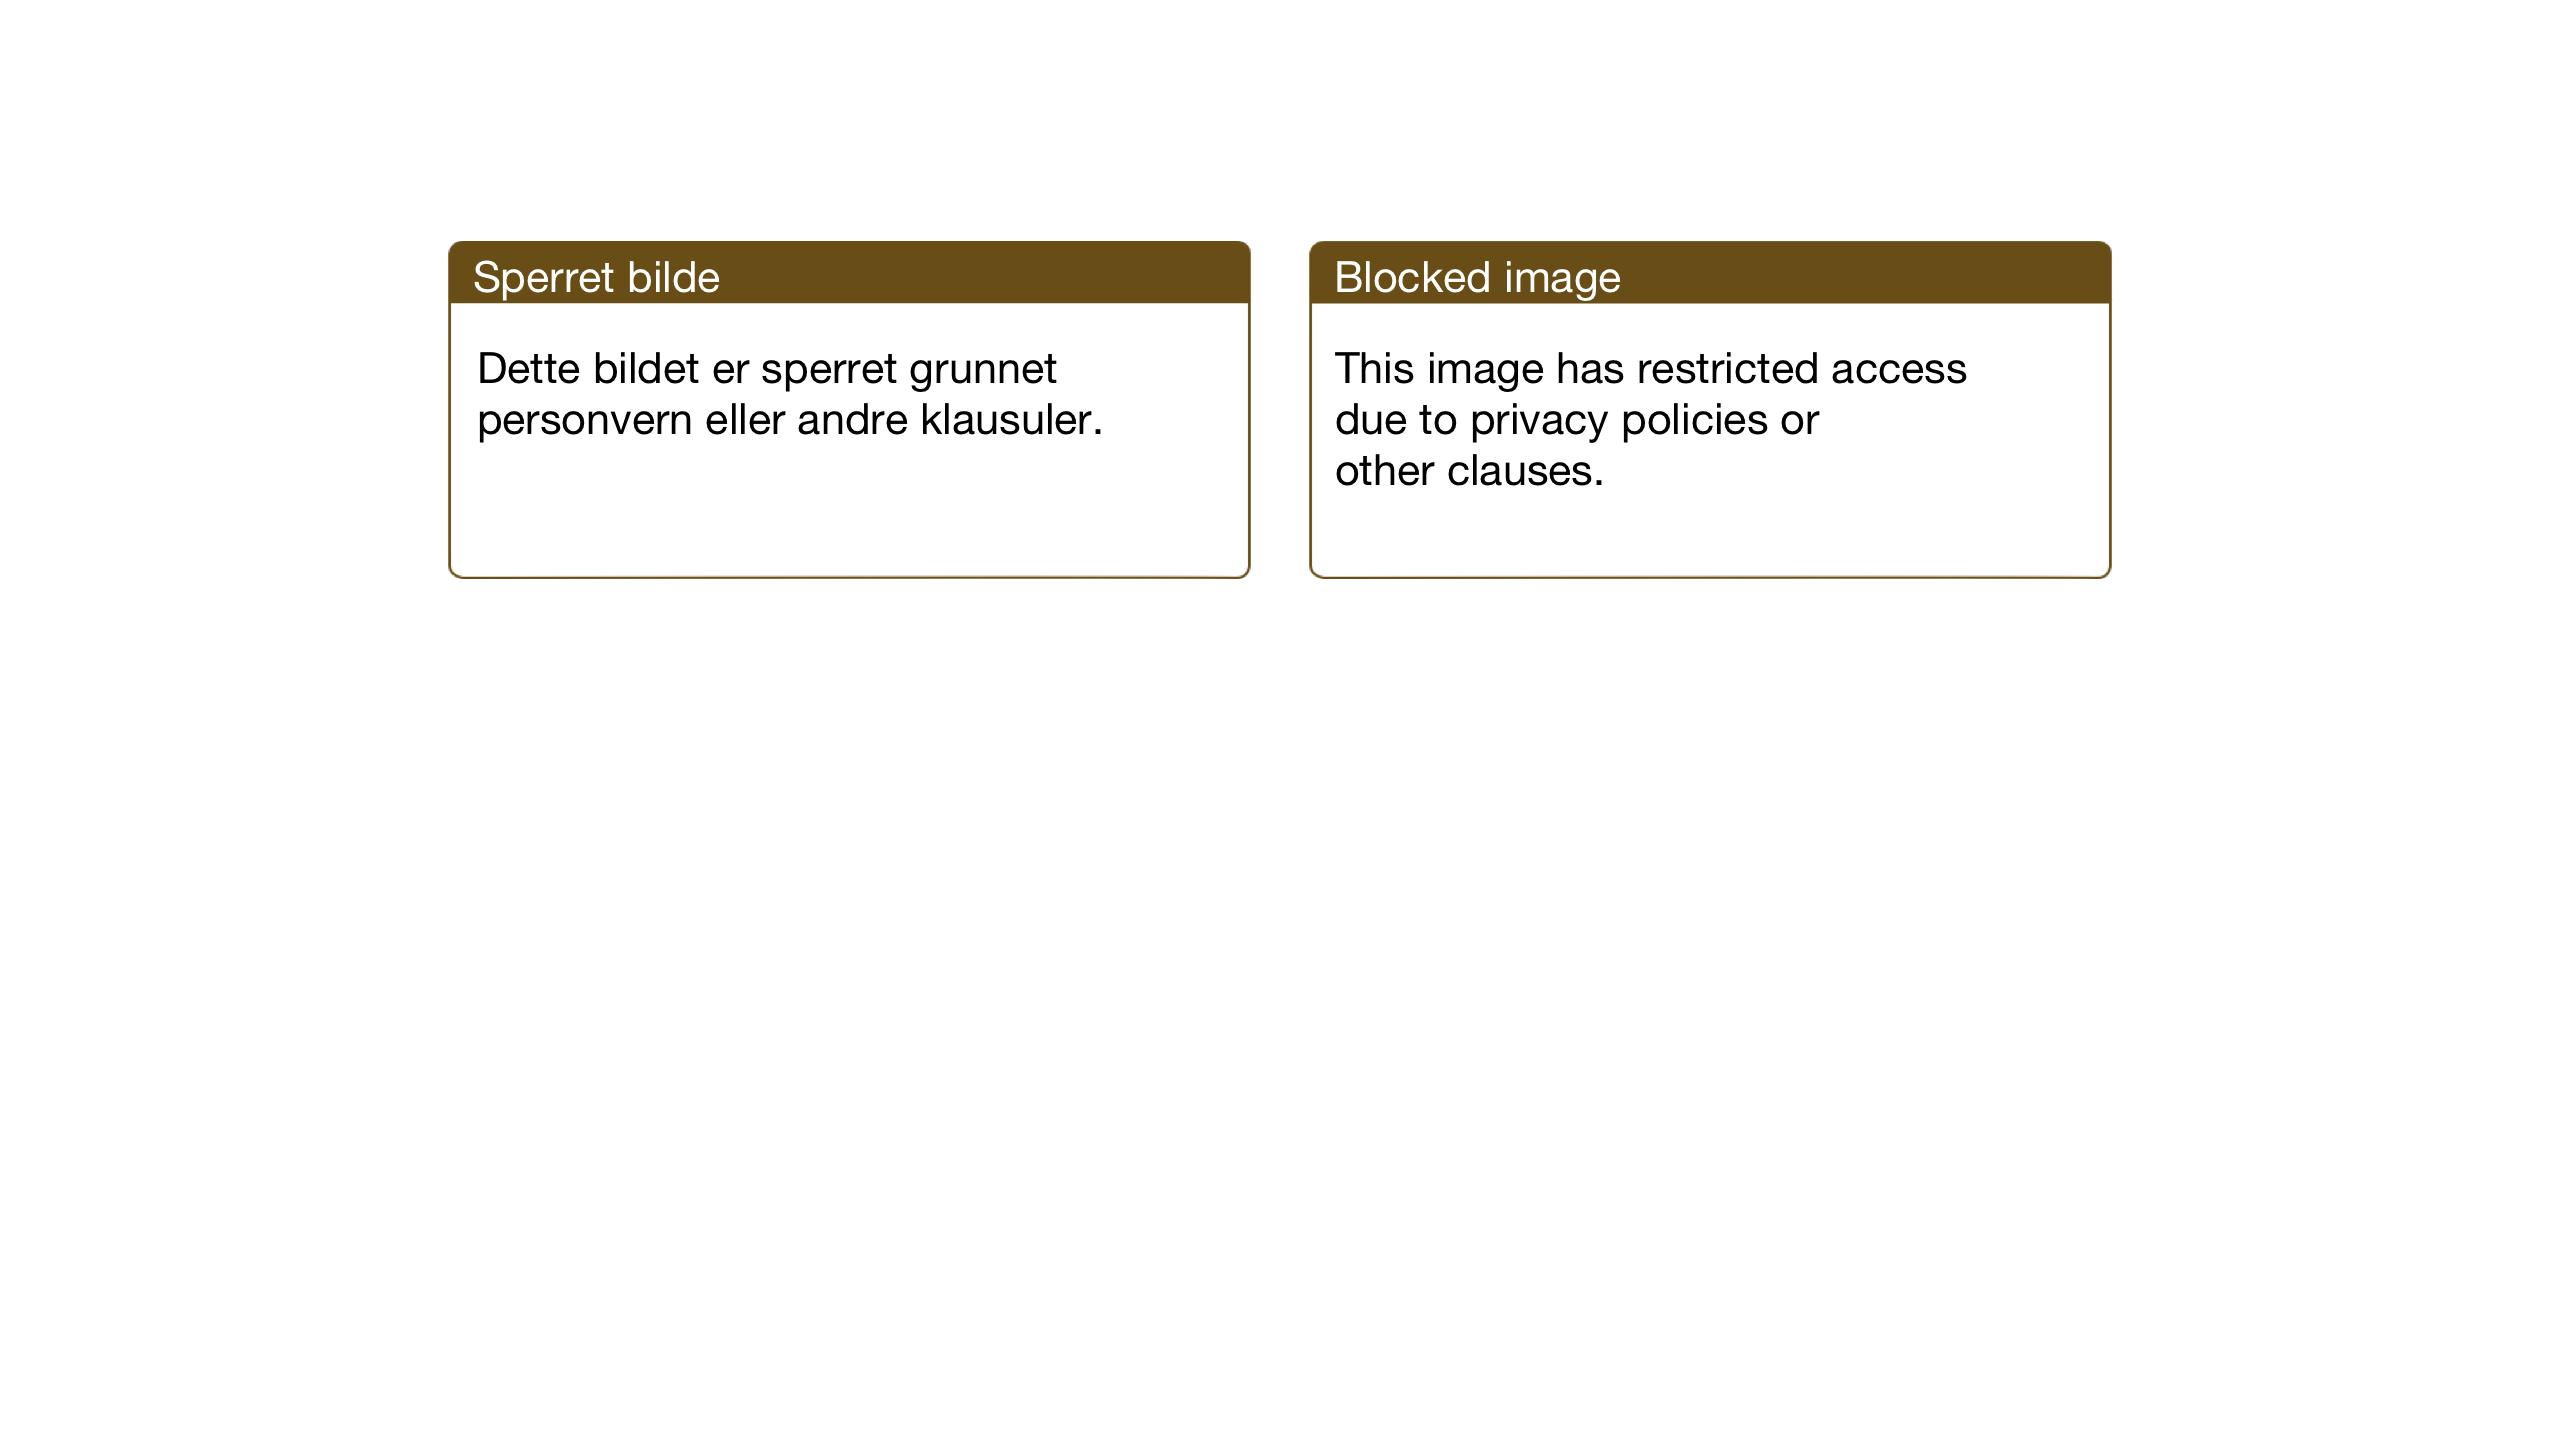 SAT, Ministerialprotokoller, klokkerbøker og fødselsregistre - Sør-Trøndelag, 692/L1114: Klokkerbok nr. 692C09, 1928-1935, s. 30